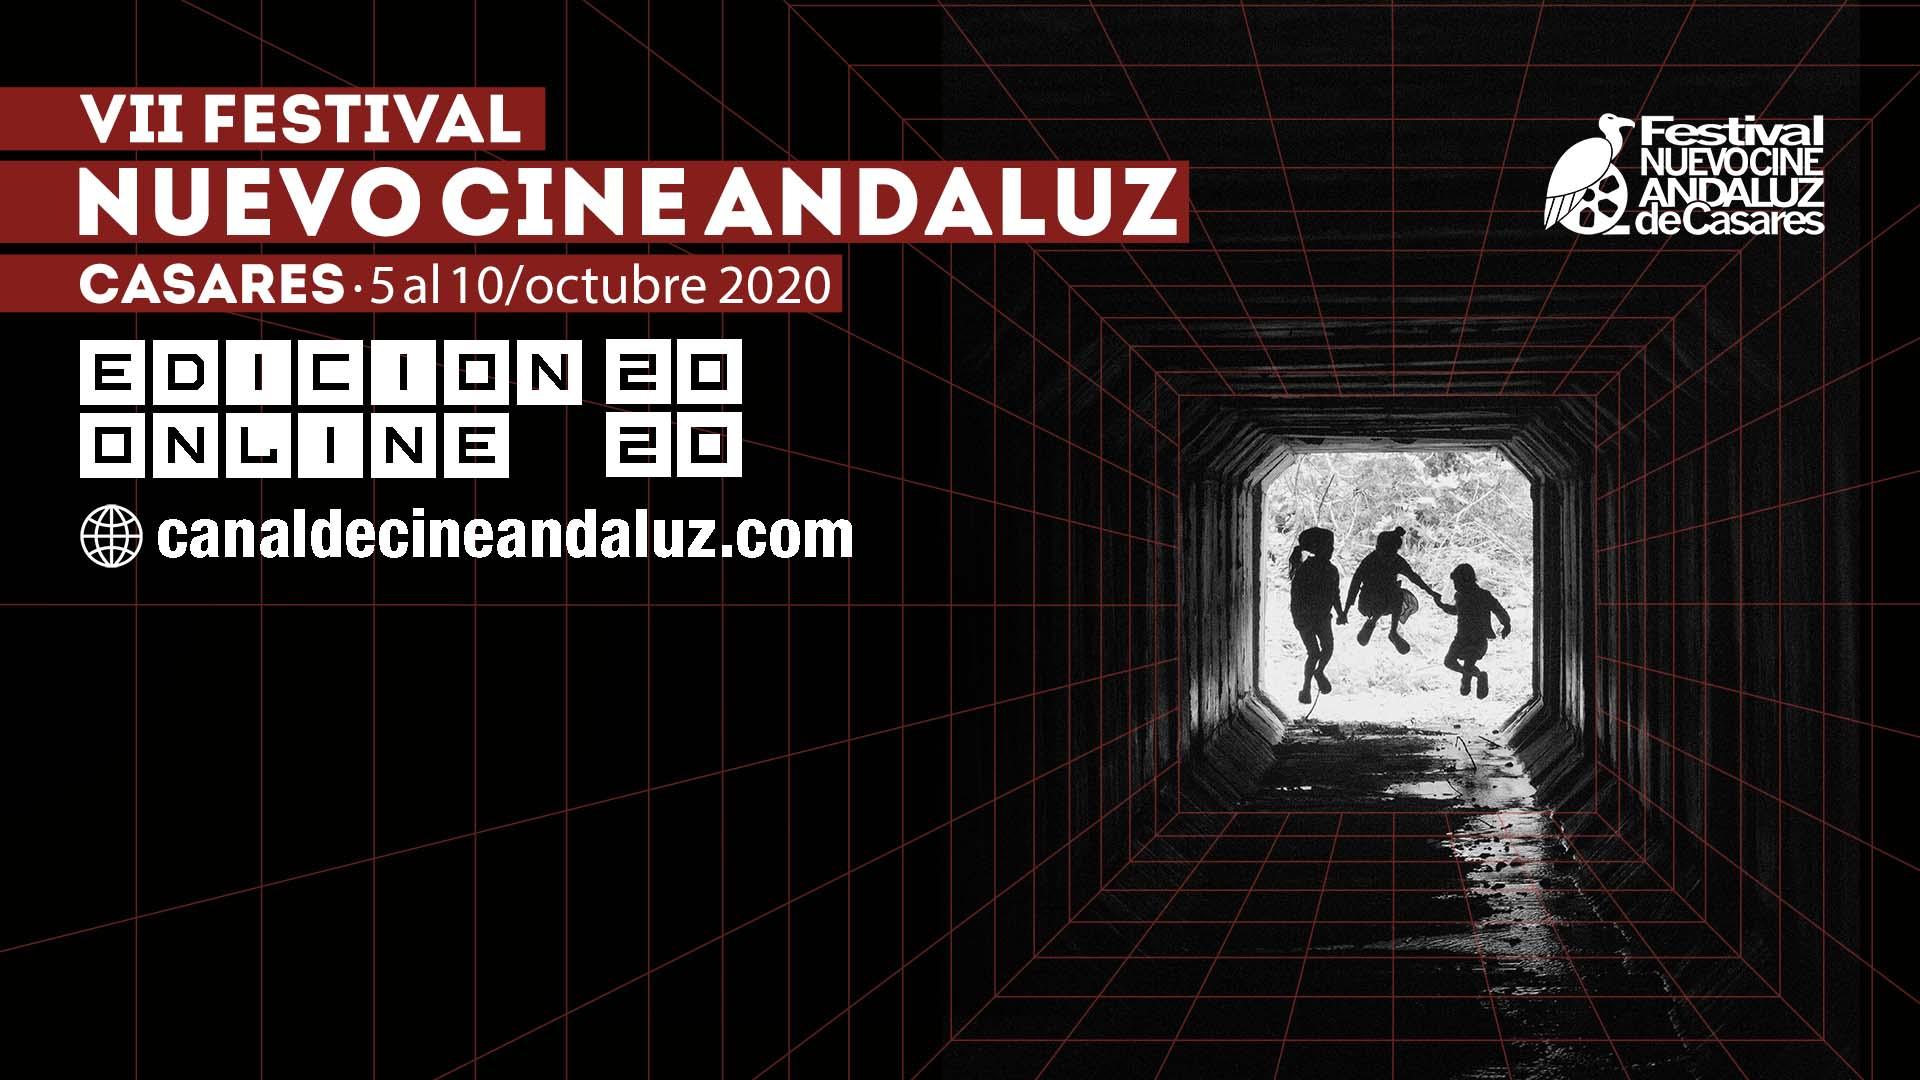 VII Festival Nuevo Cine Andaluz de Casares